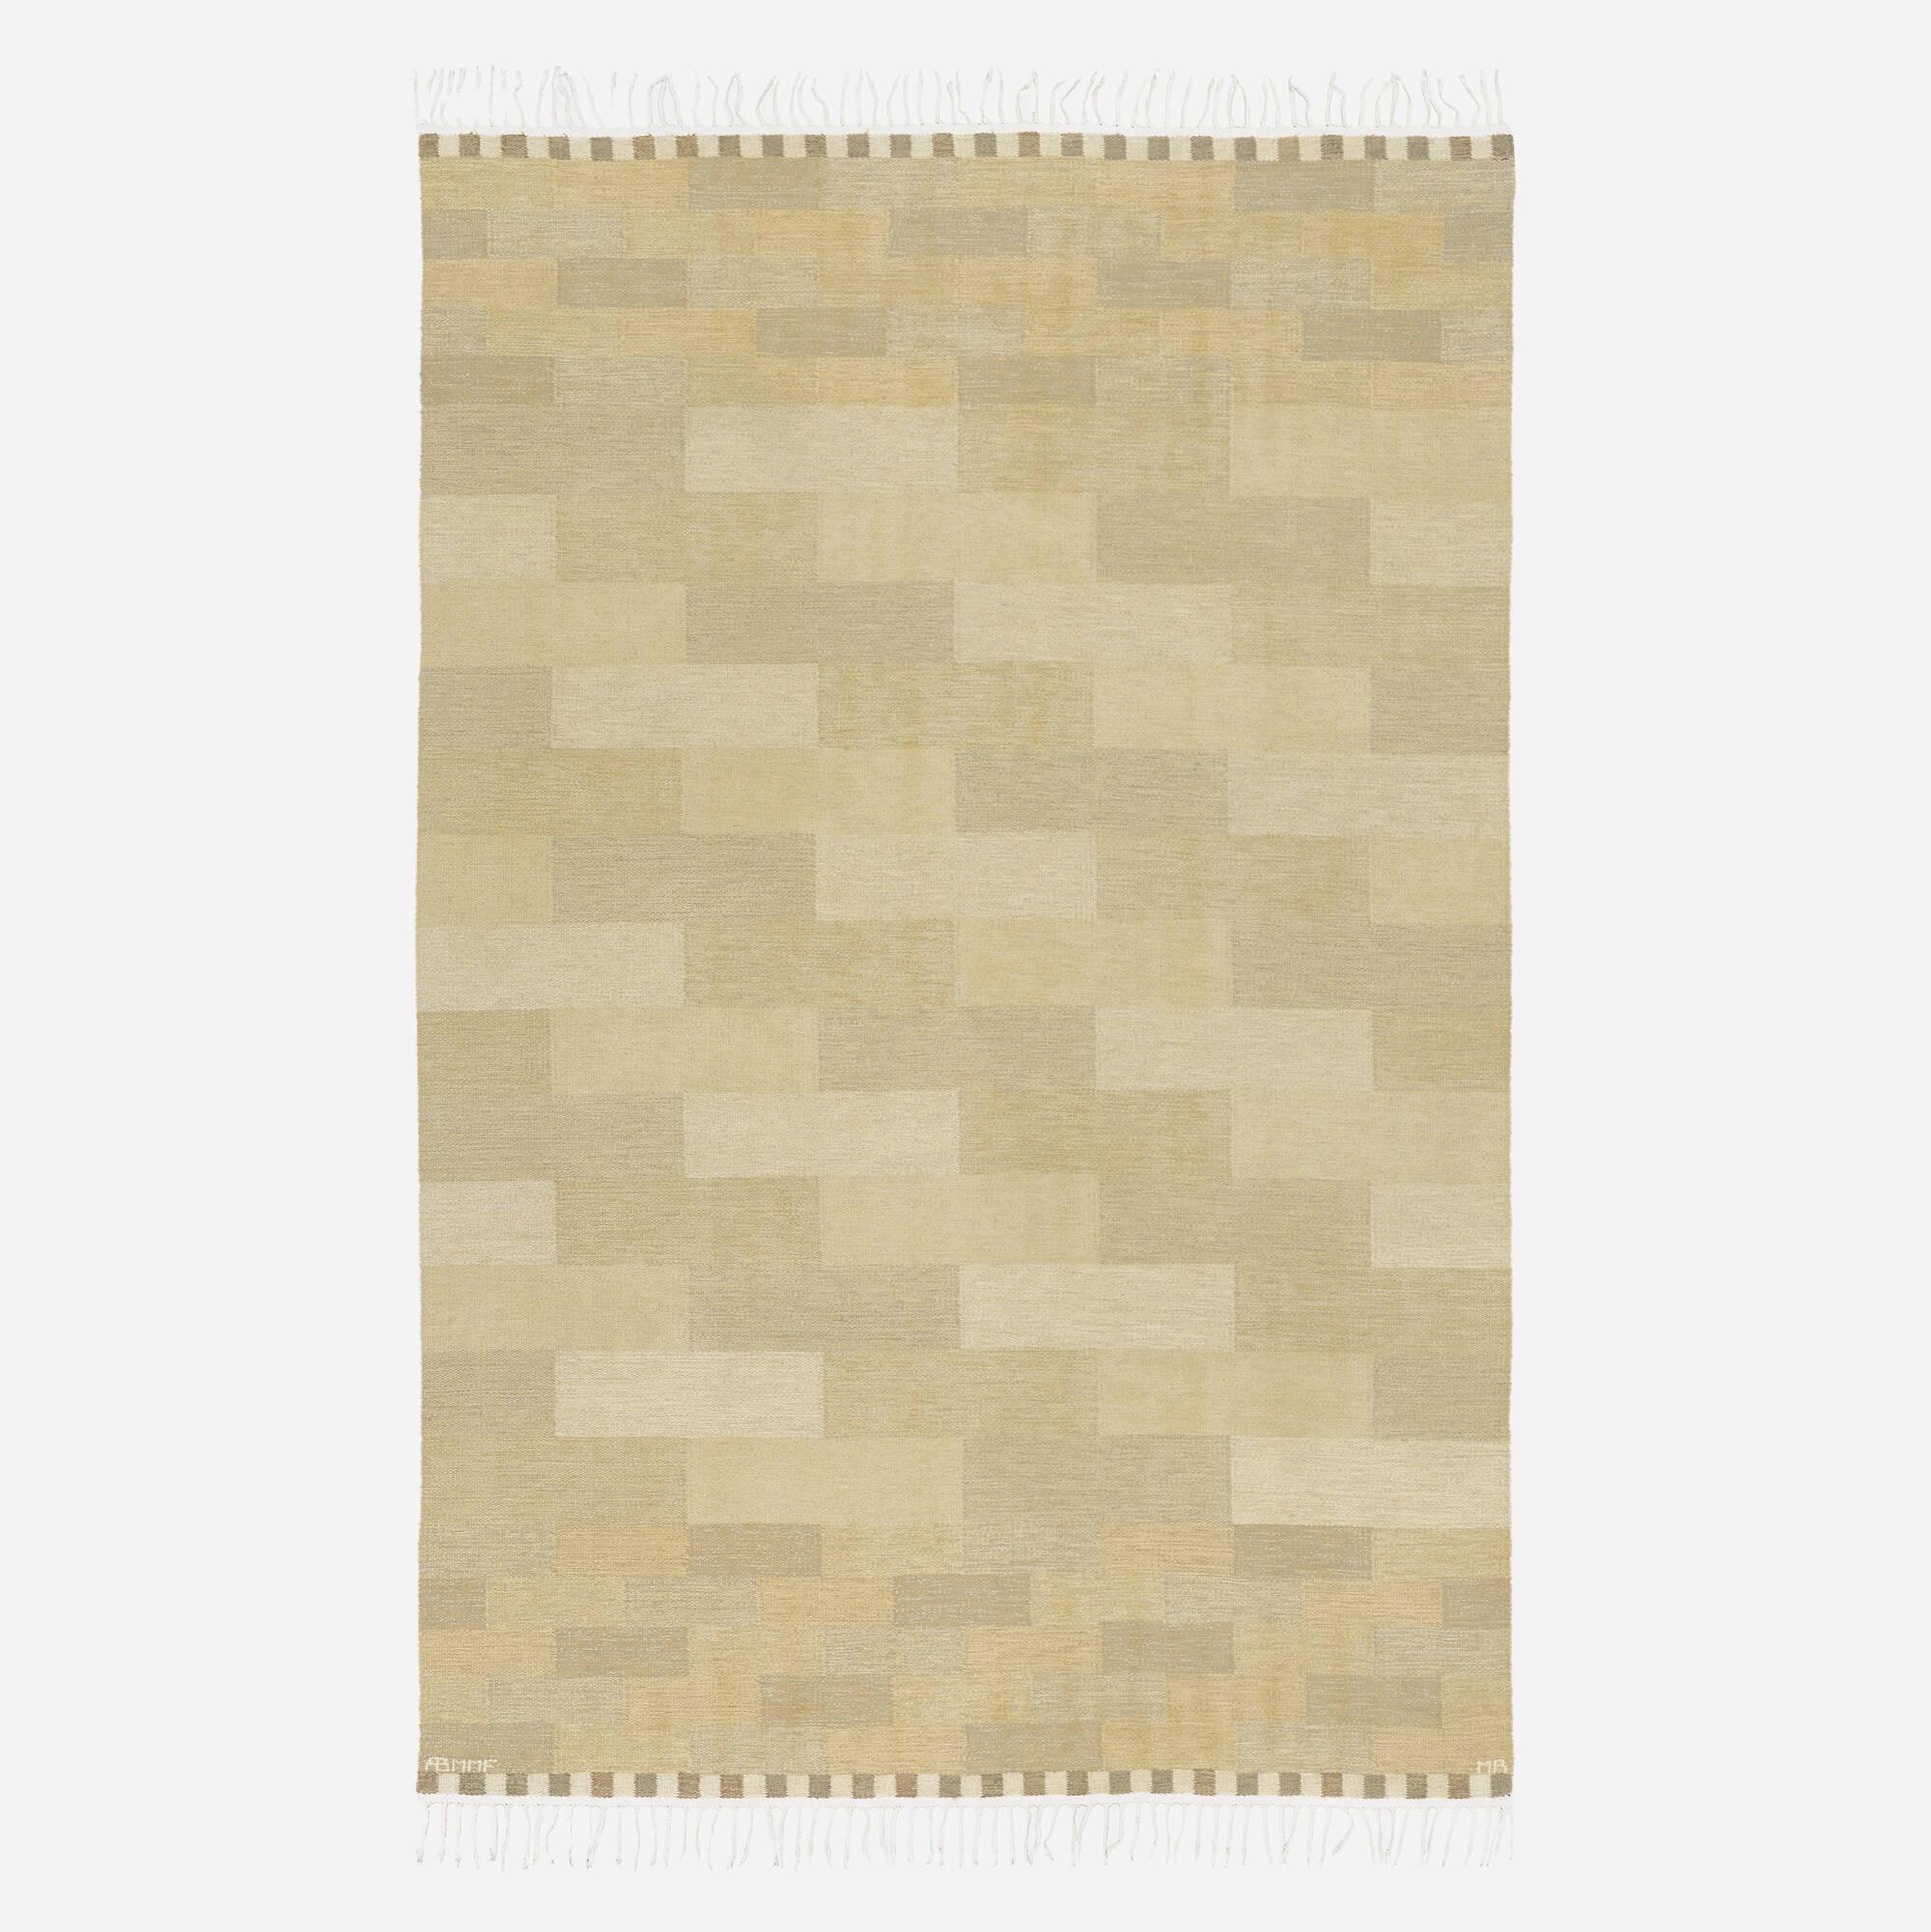 189: Marianne Richter / Muren flatweave carpet (1 of 1)